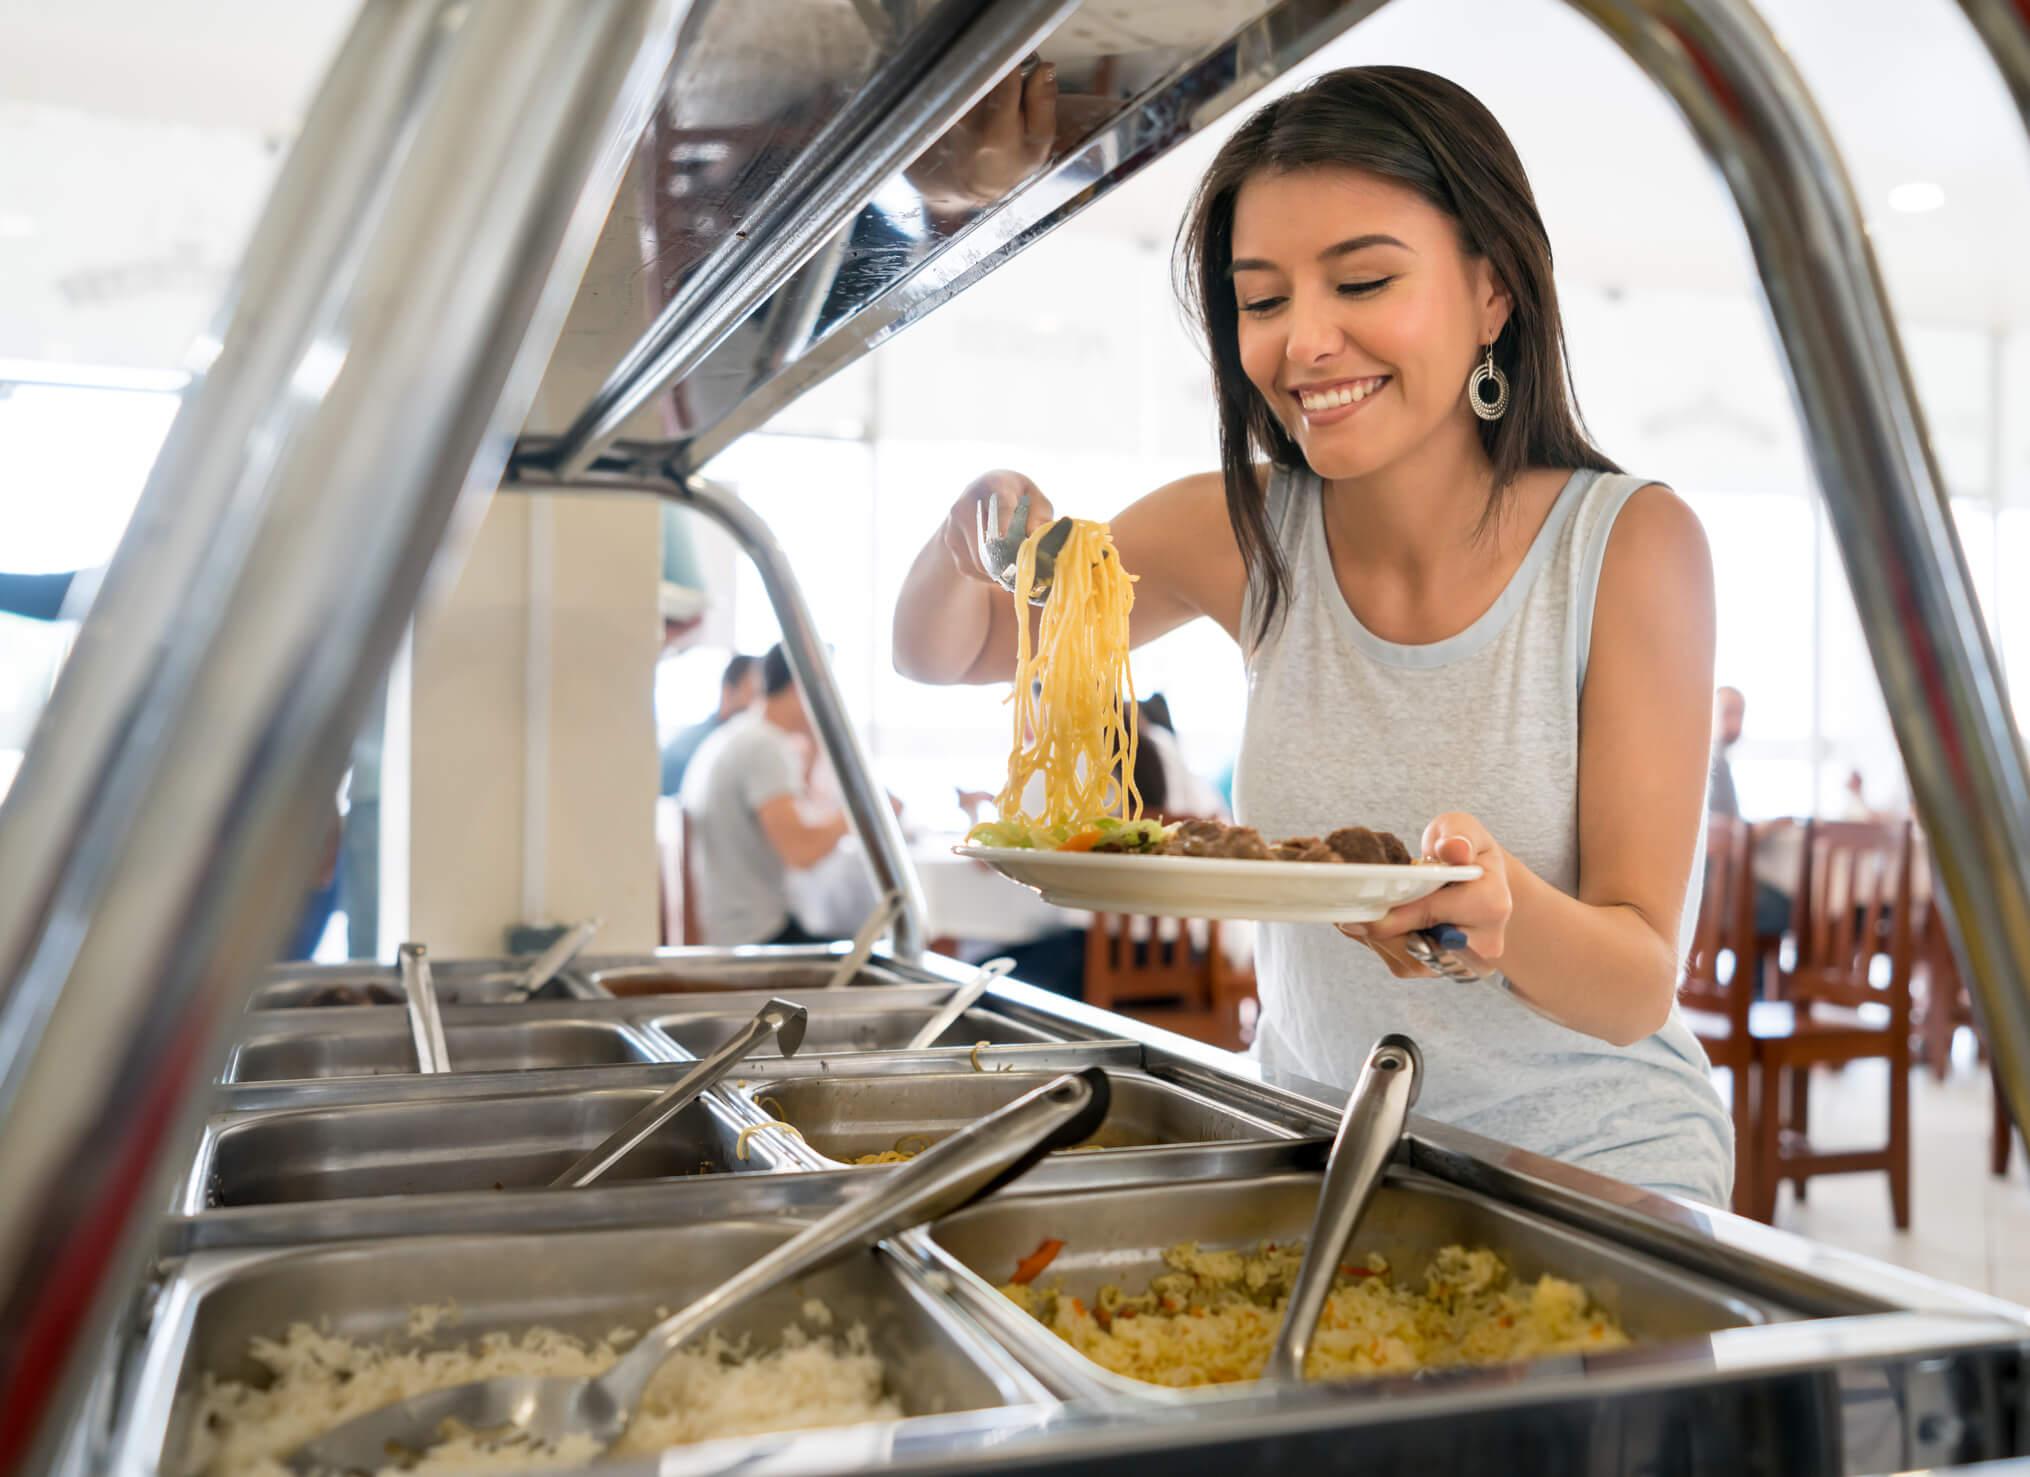 Como escolher fornecedores para restaurantes corporativos em fábricas?